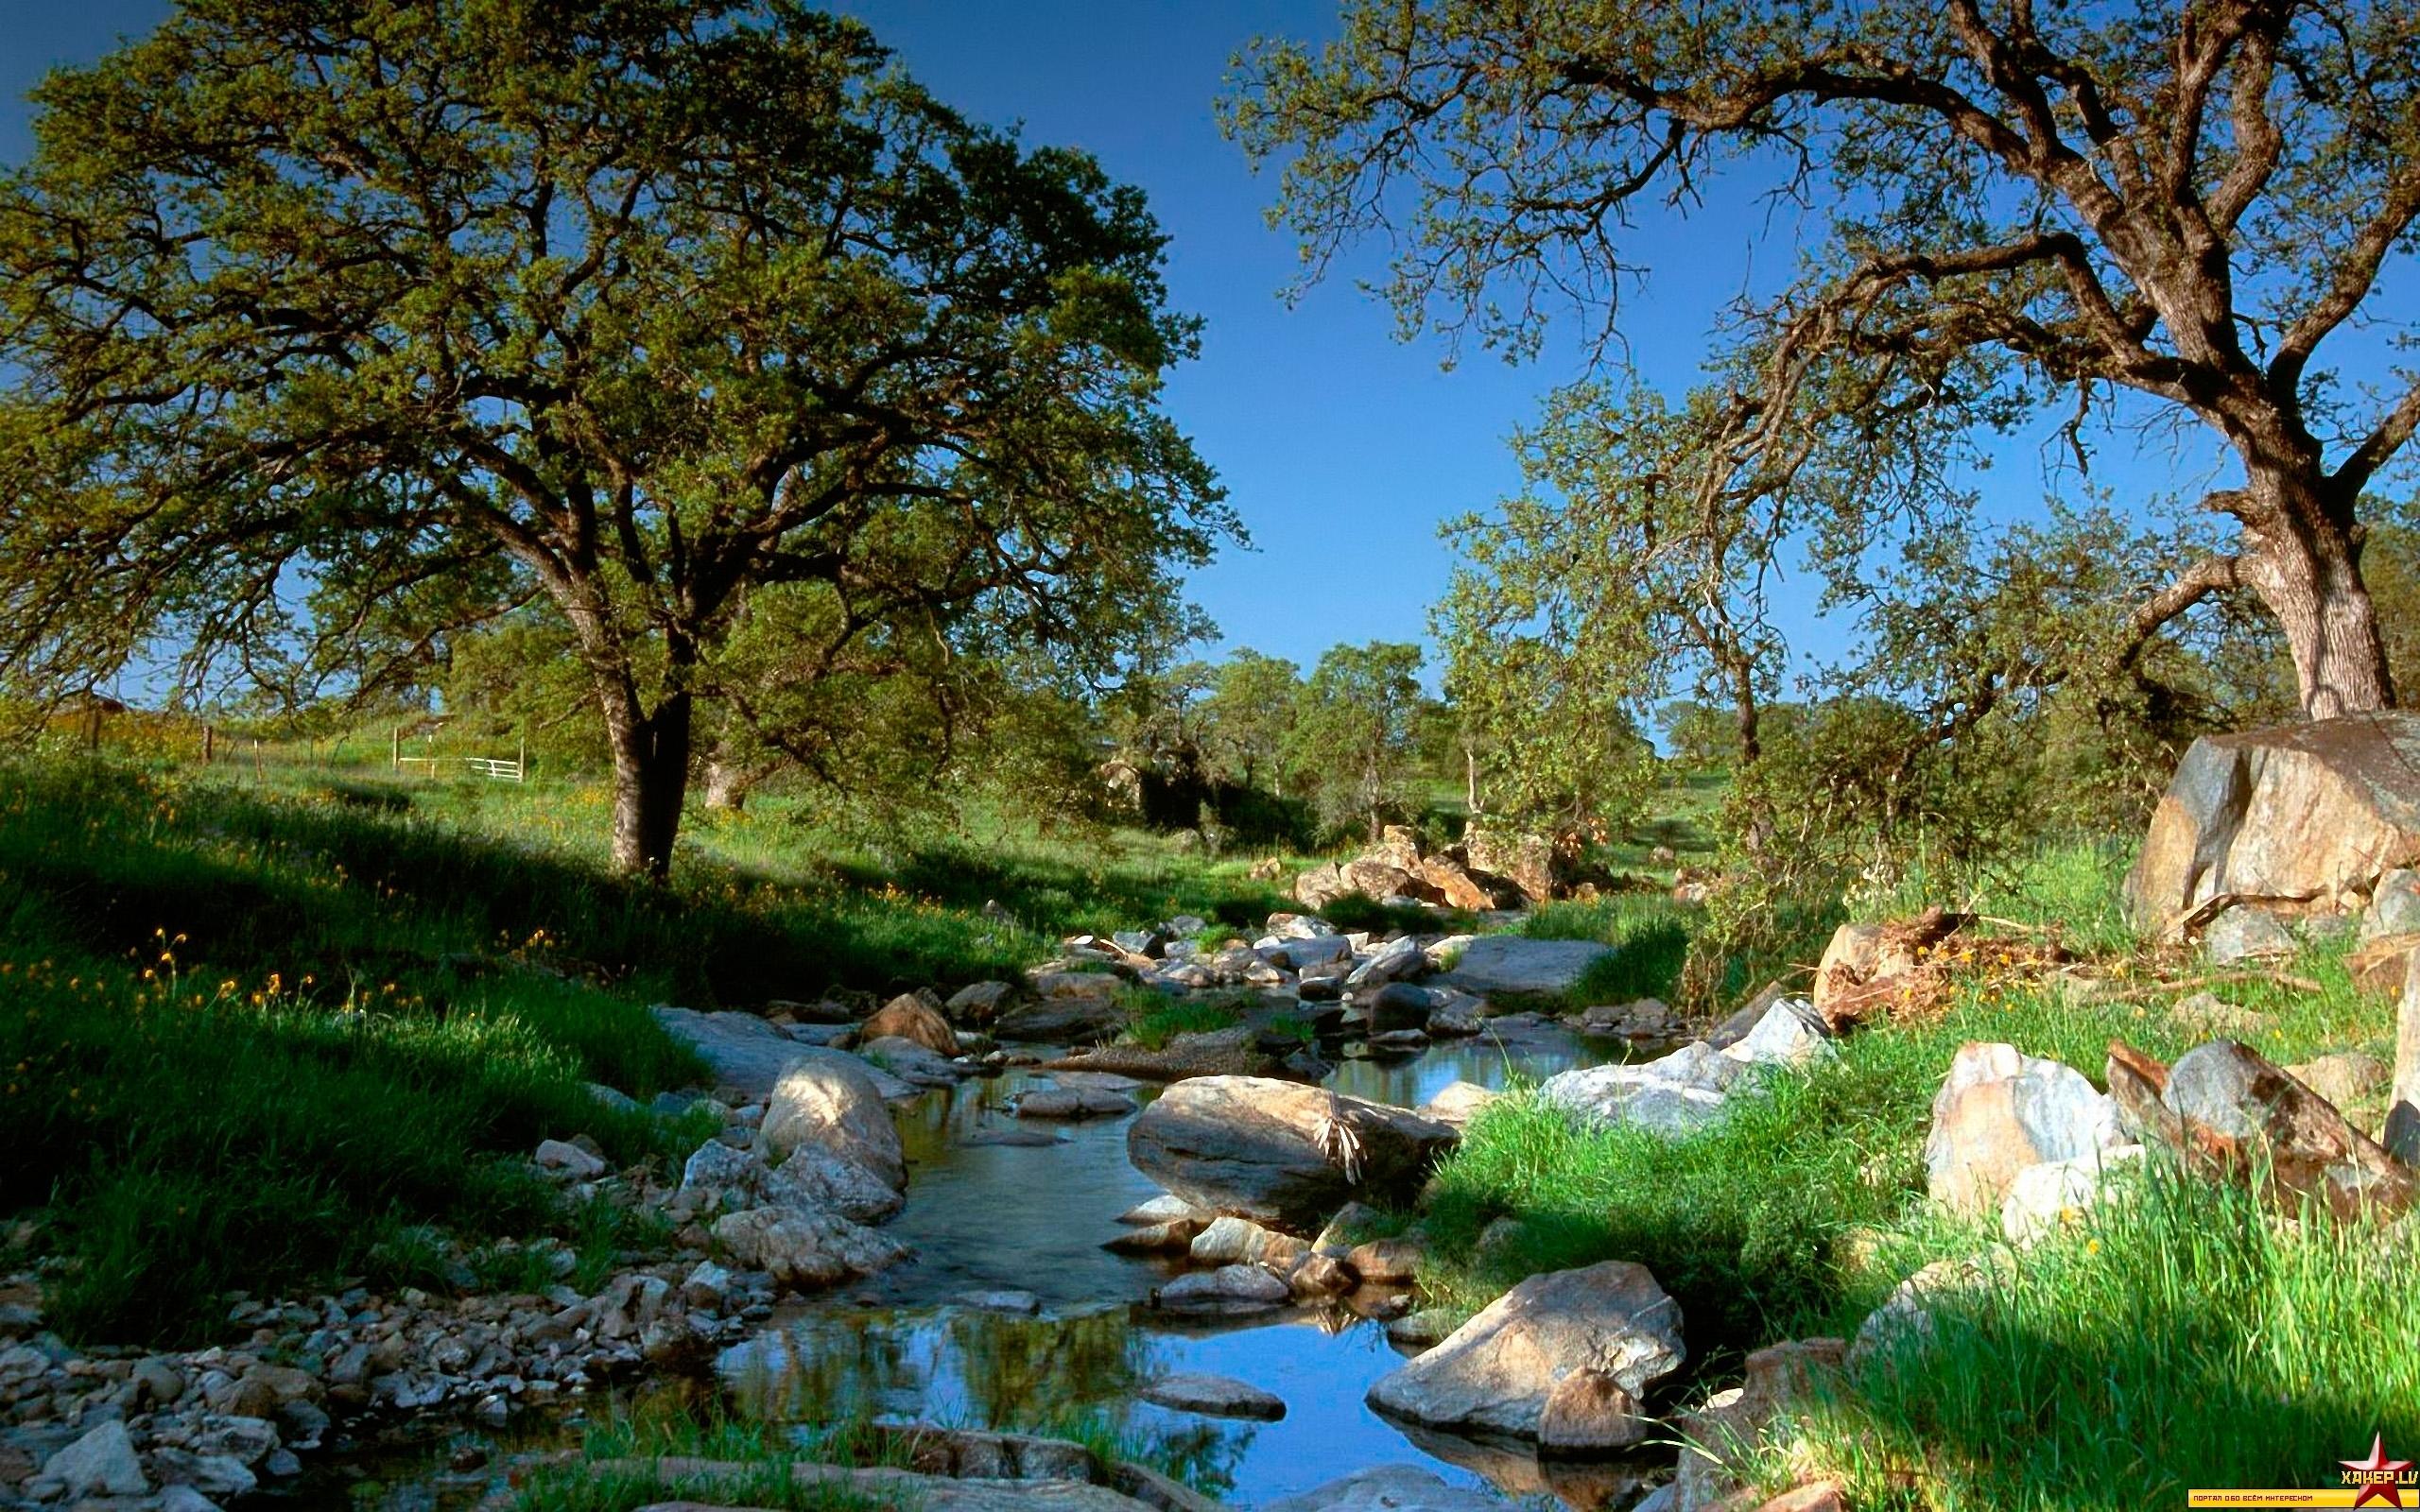 27280 скачать обои Пейзаж, Река, Деревья - заставки и картинки бесплатно